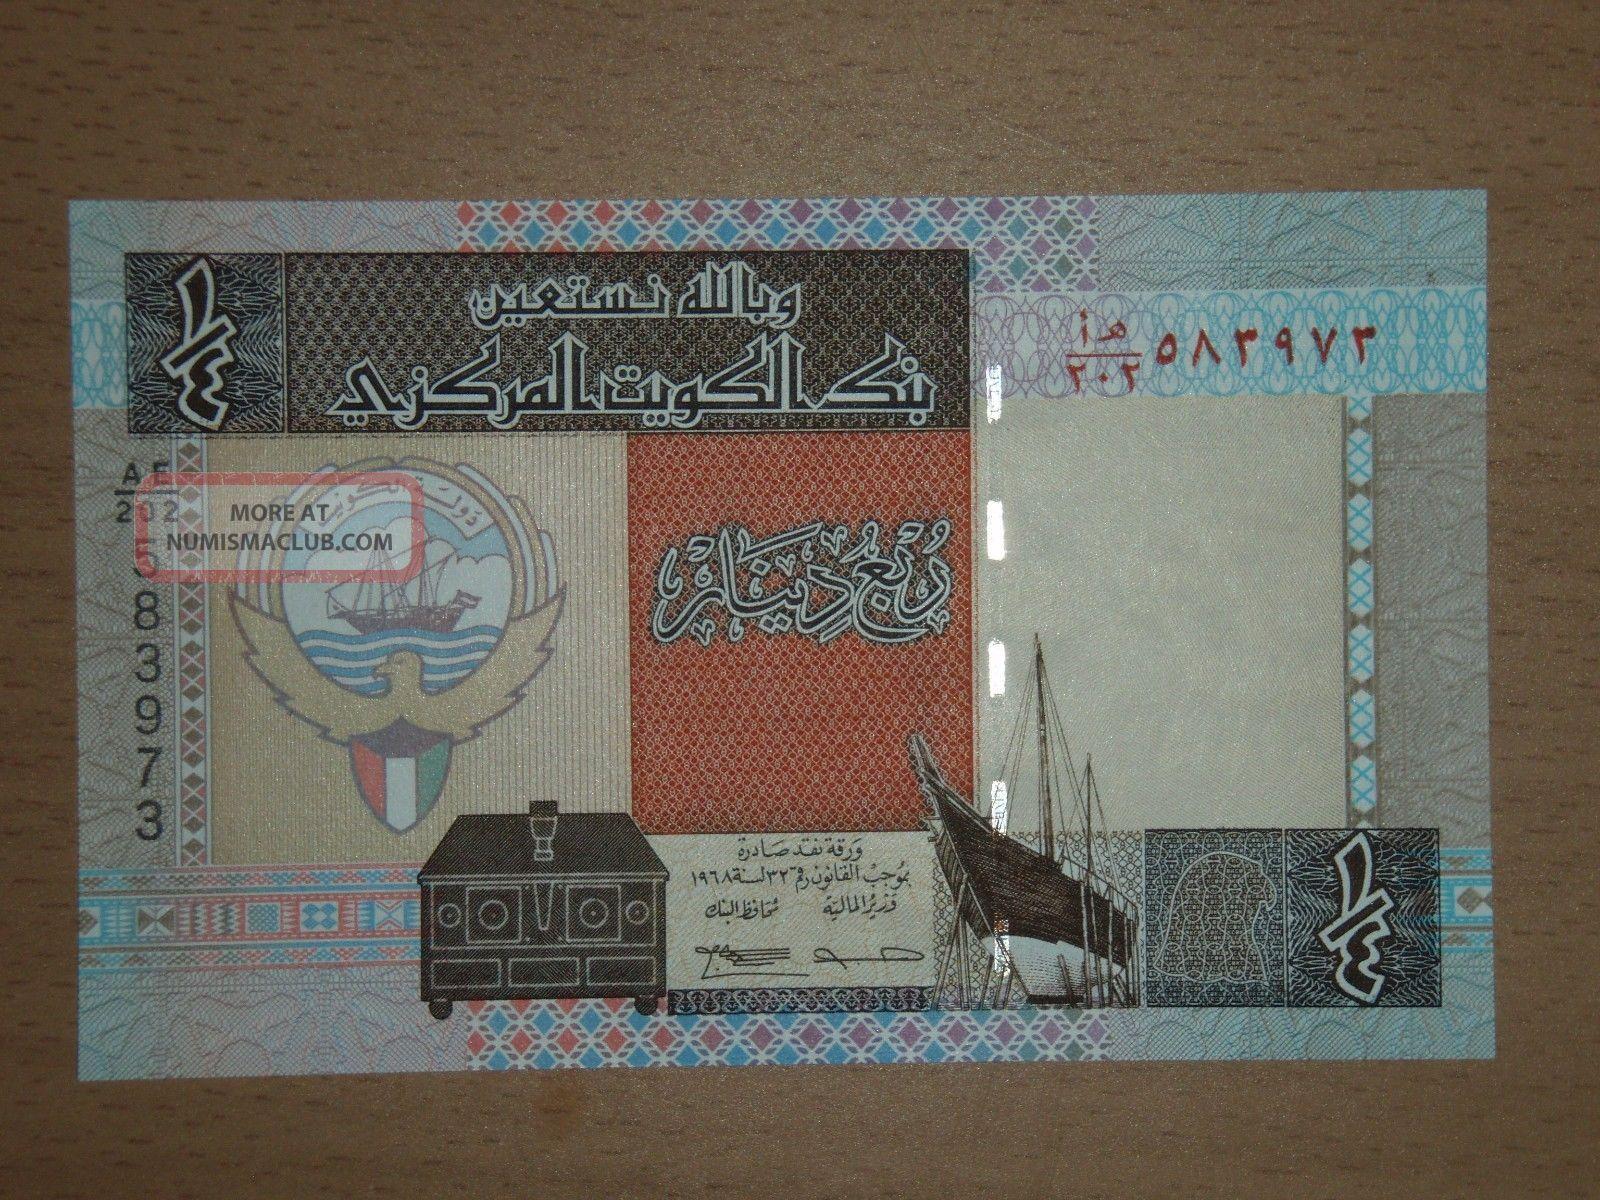 Kuwait 1/4 Dinar 1994 Unc Middle East photo